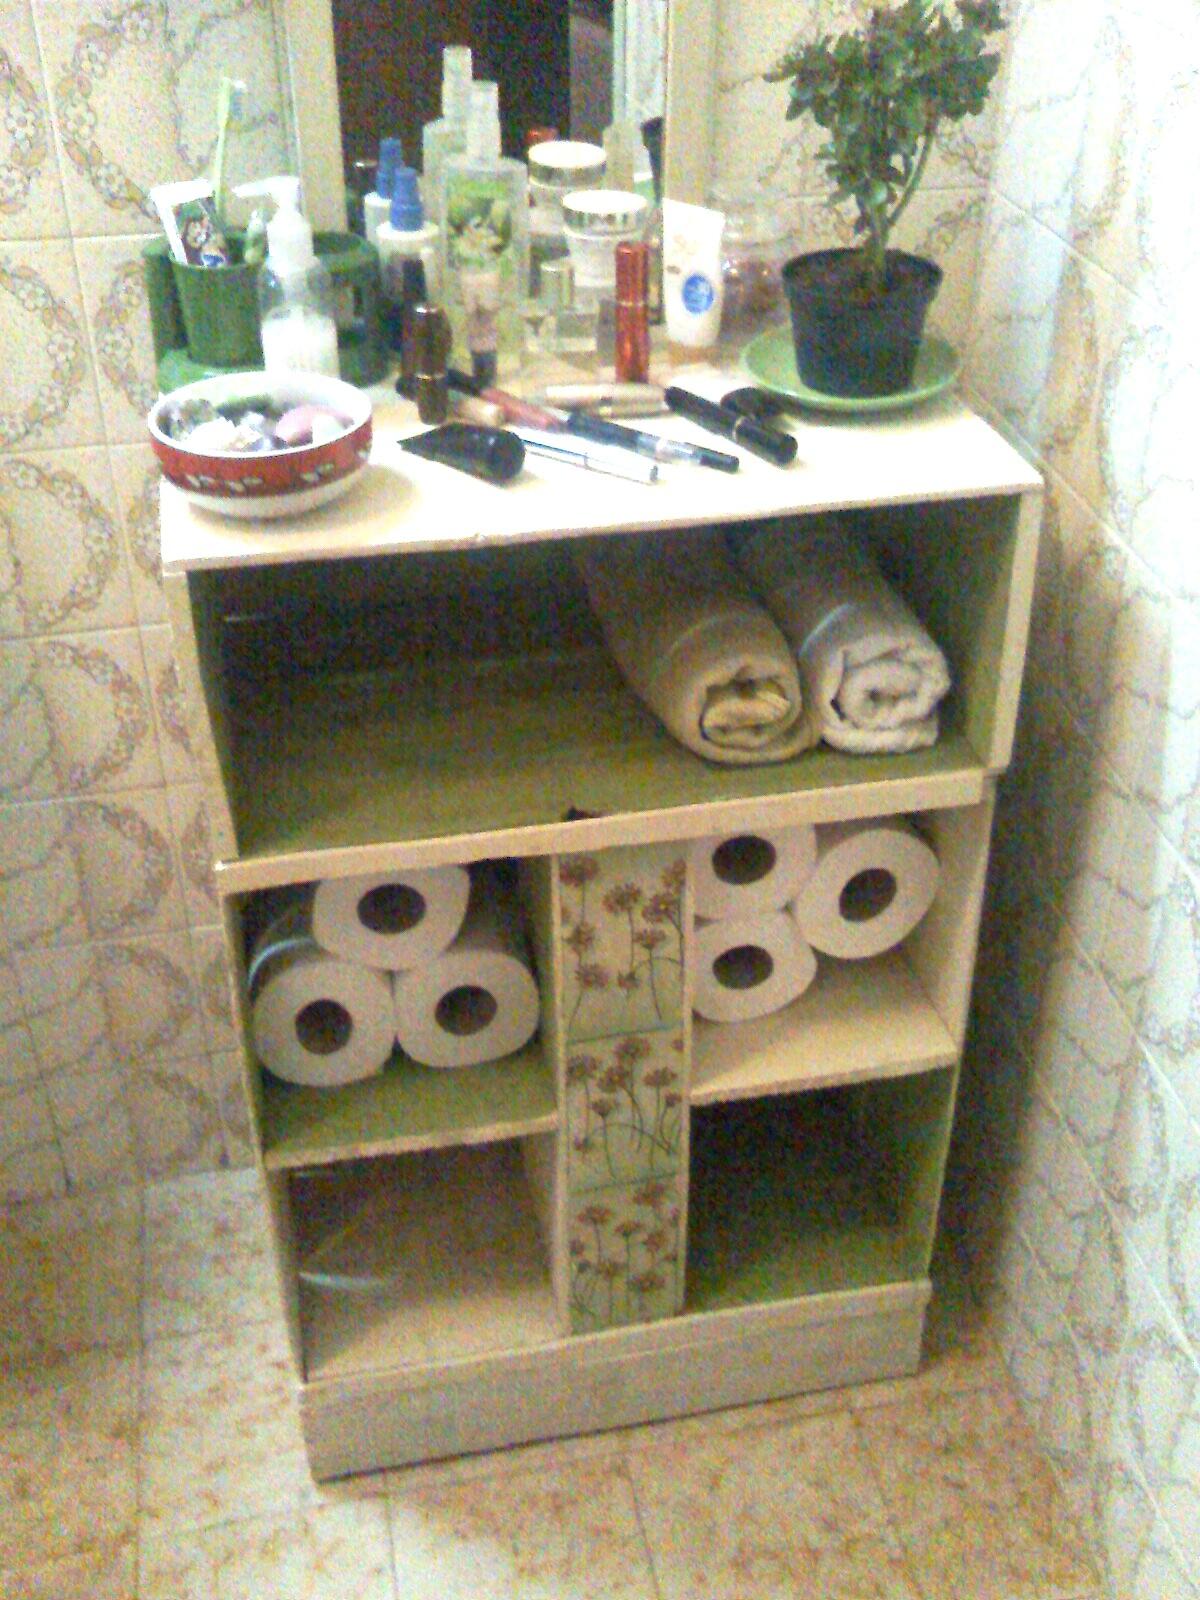 Artes e Badulaques: Armário de banheiro com caixotes #847847 1200 1600